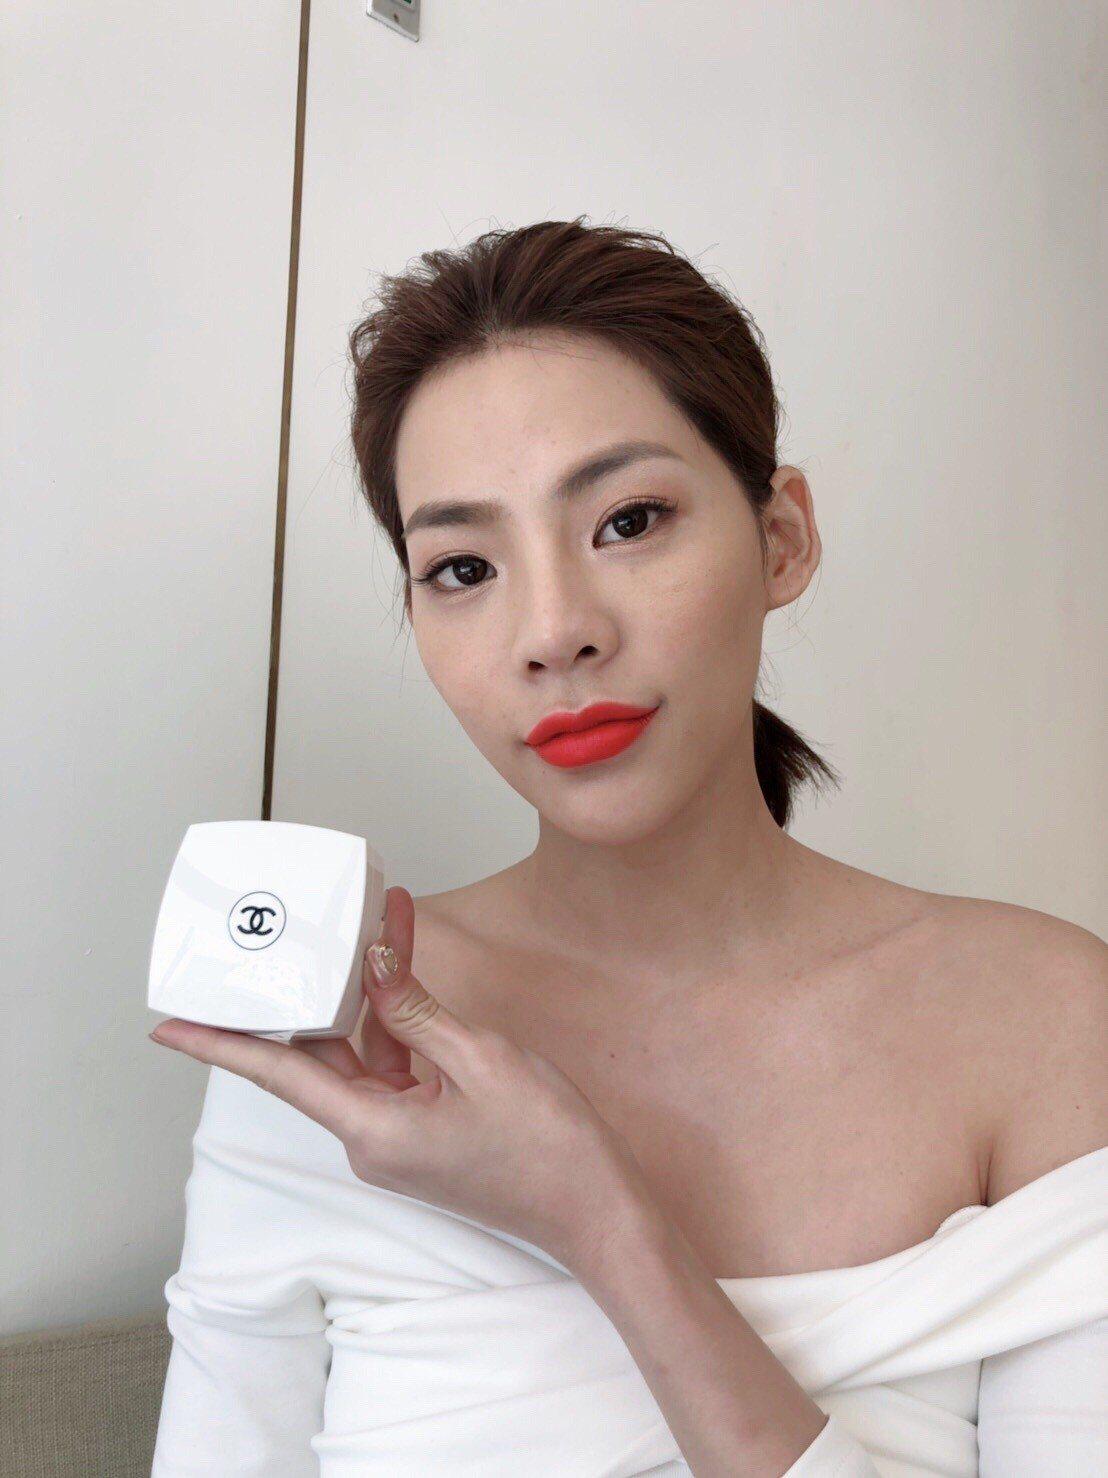 小白盒太烧~香奈儿气垫粉饼有珍珠光加码「上妆神器」超美!